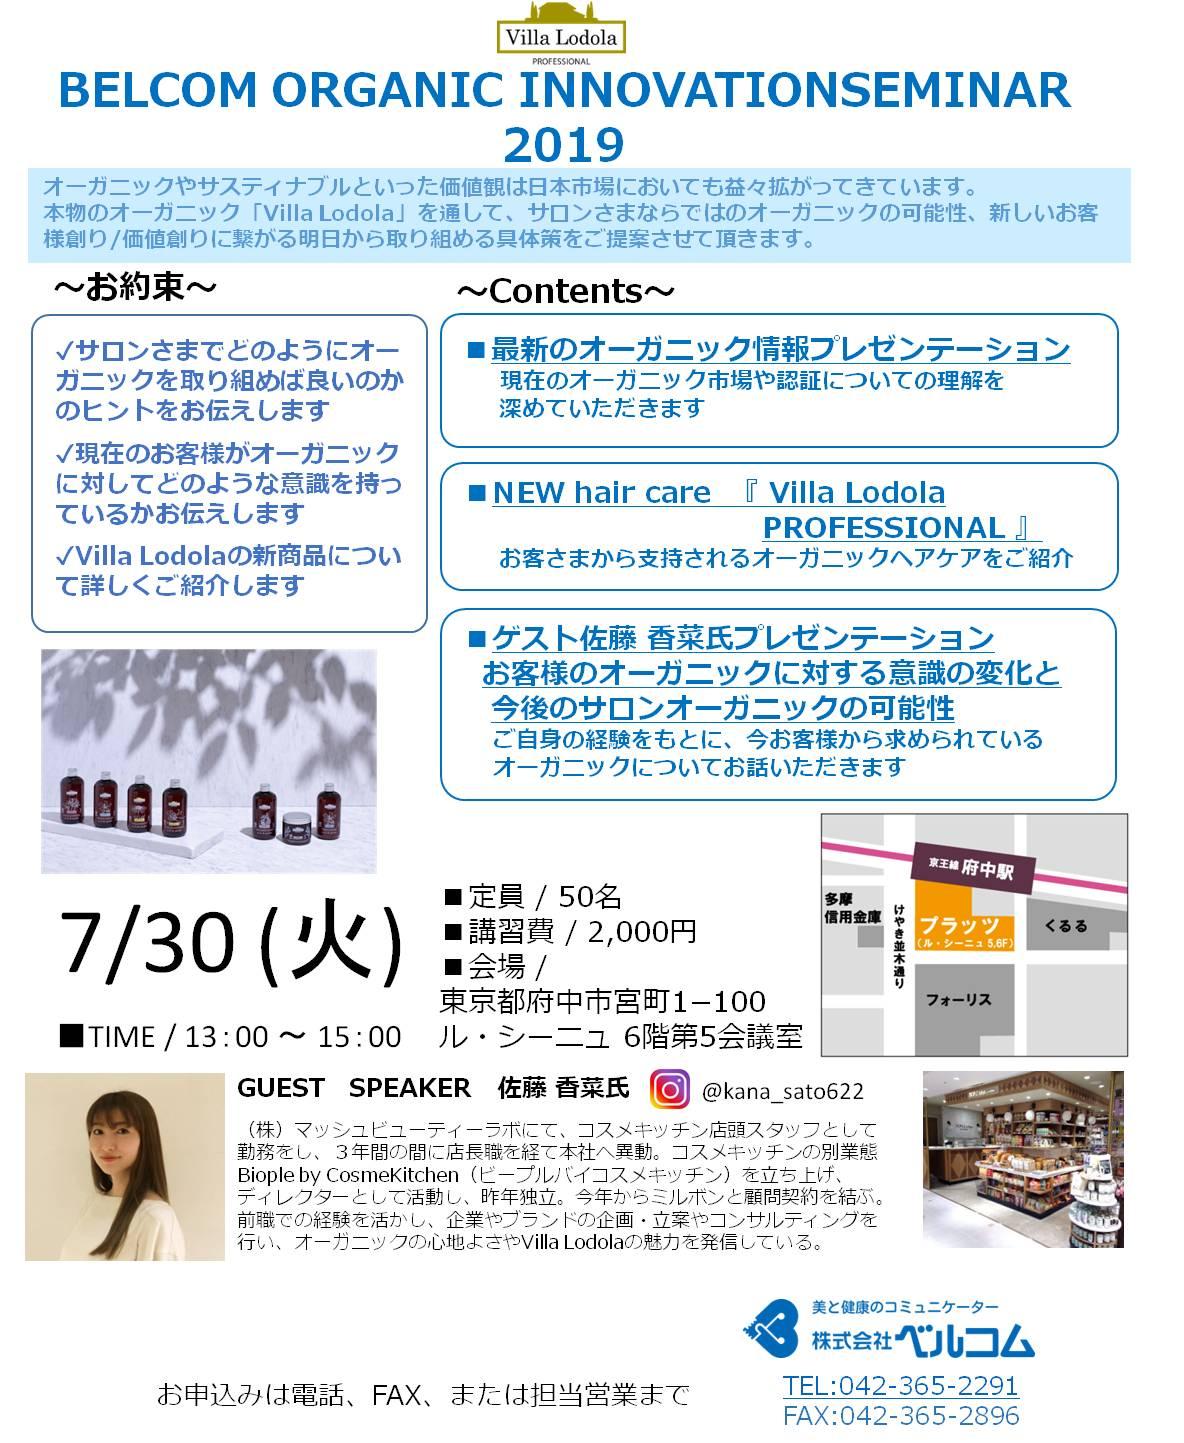 オーガニックイノベーションセミナー 2019